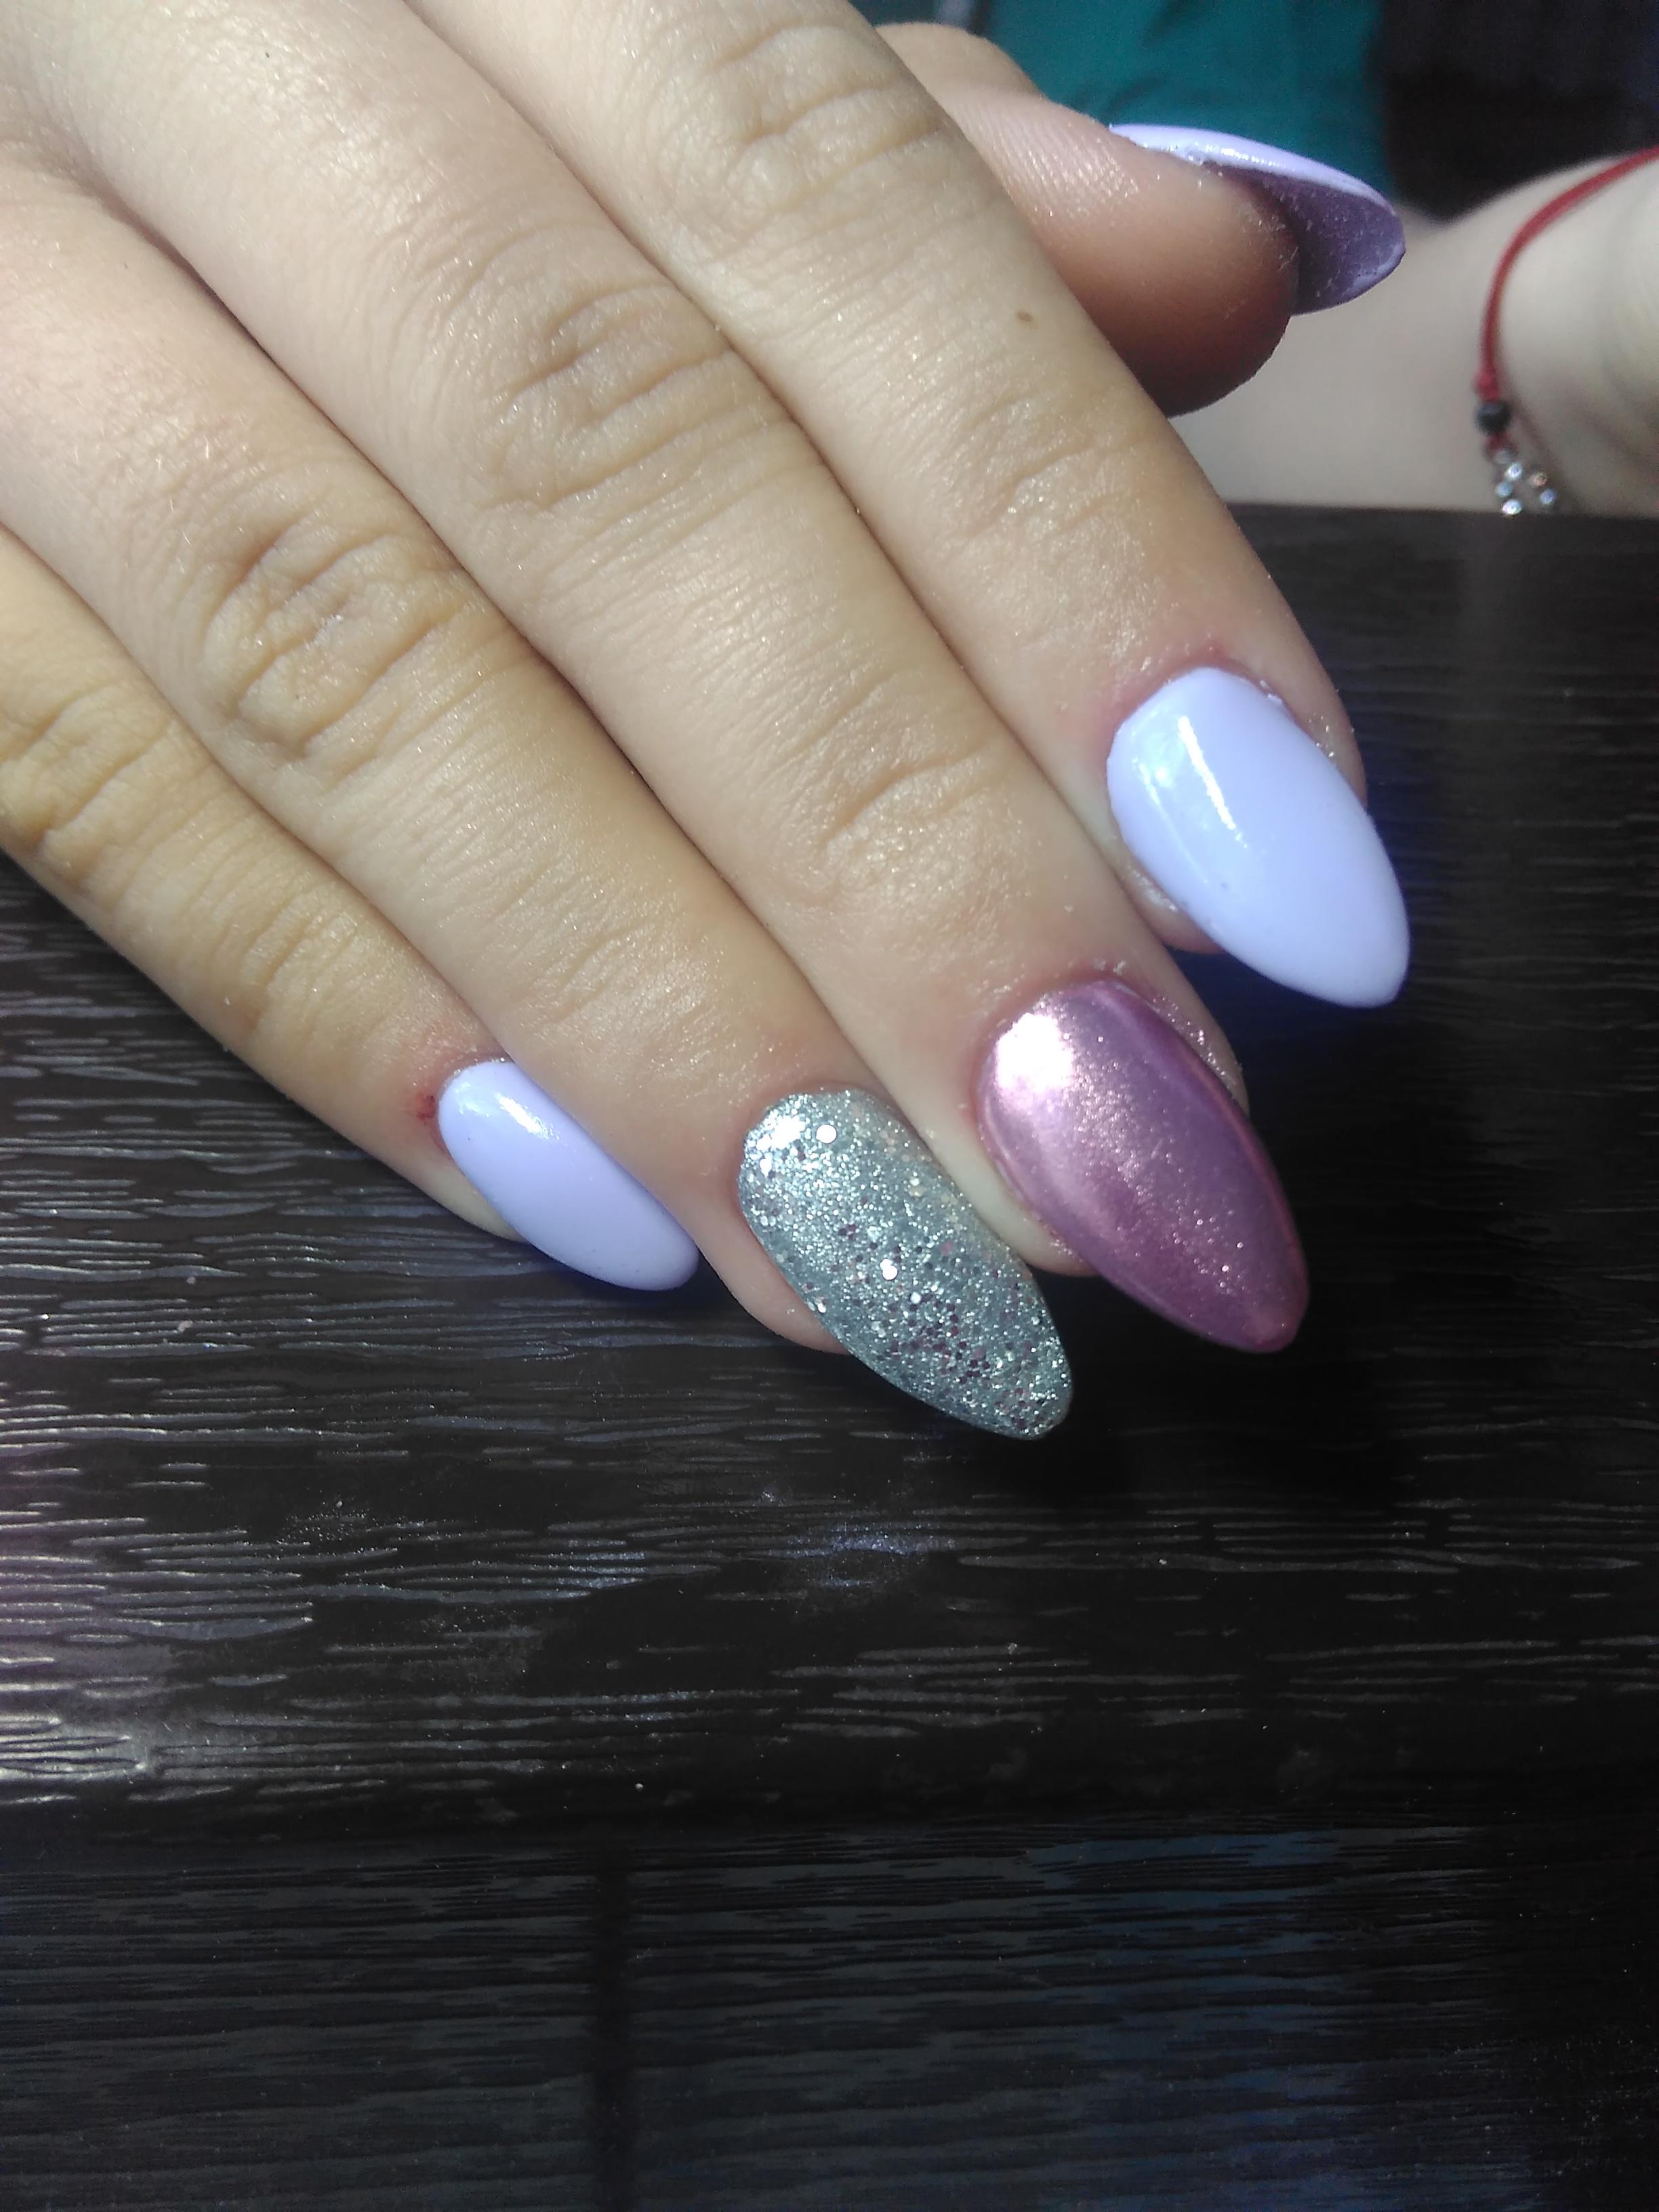 Маникюр с втиркой и блестками в фиолетовом цвете.